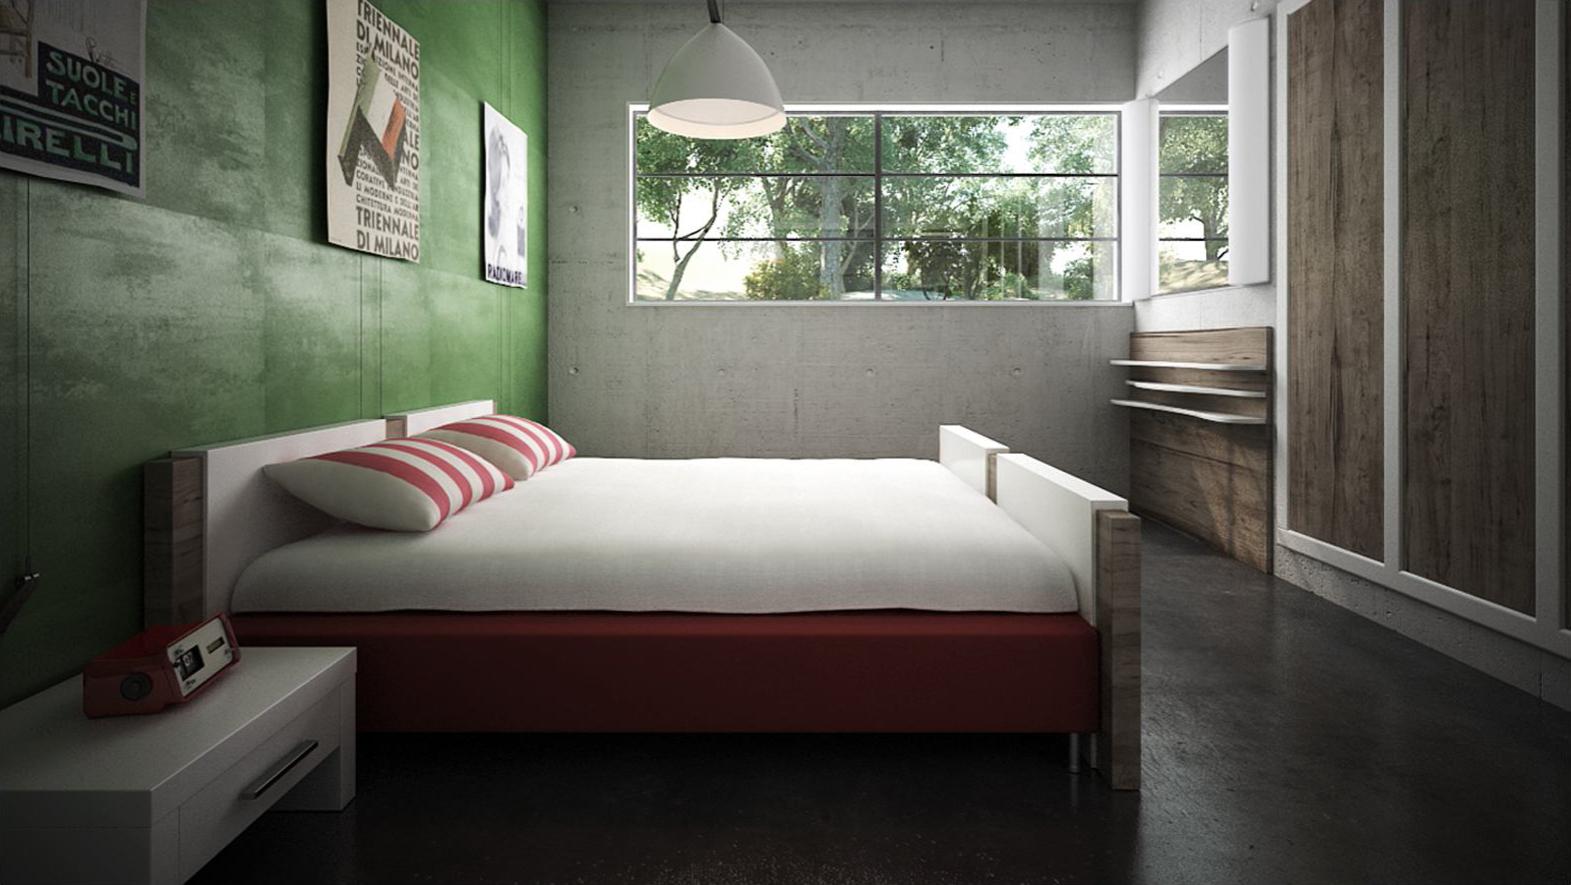 Archidiap la casa elettrica for Semplici piani casa 1 camera da letto